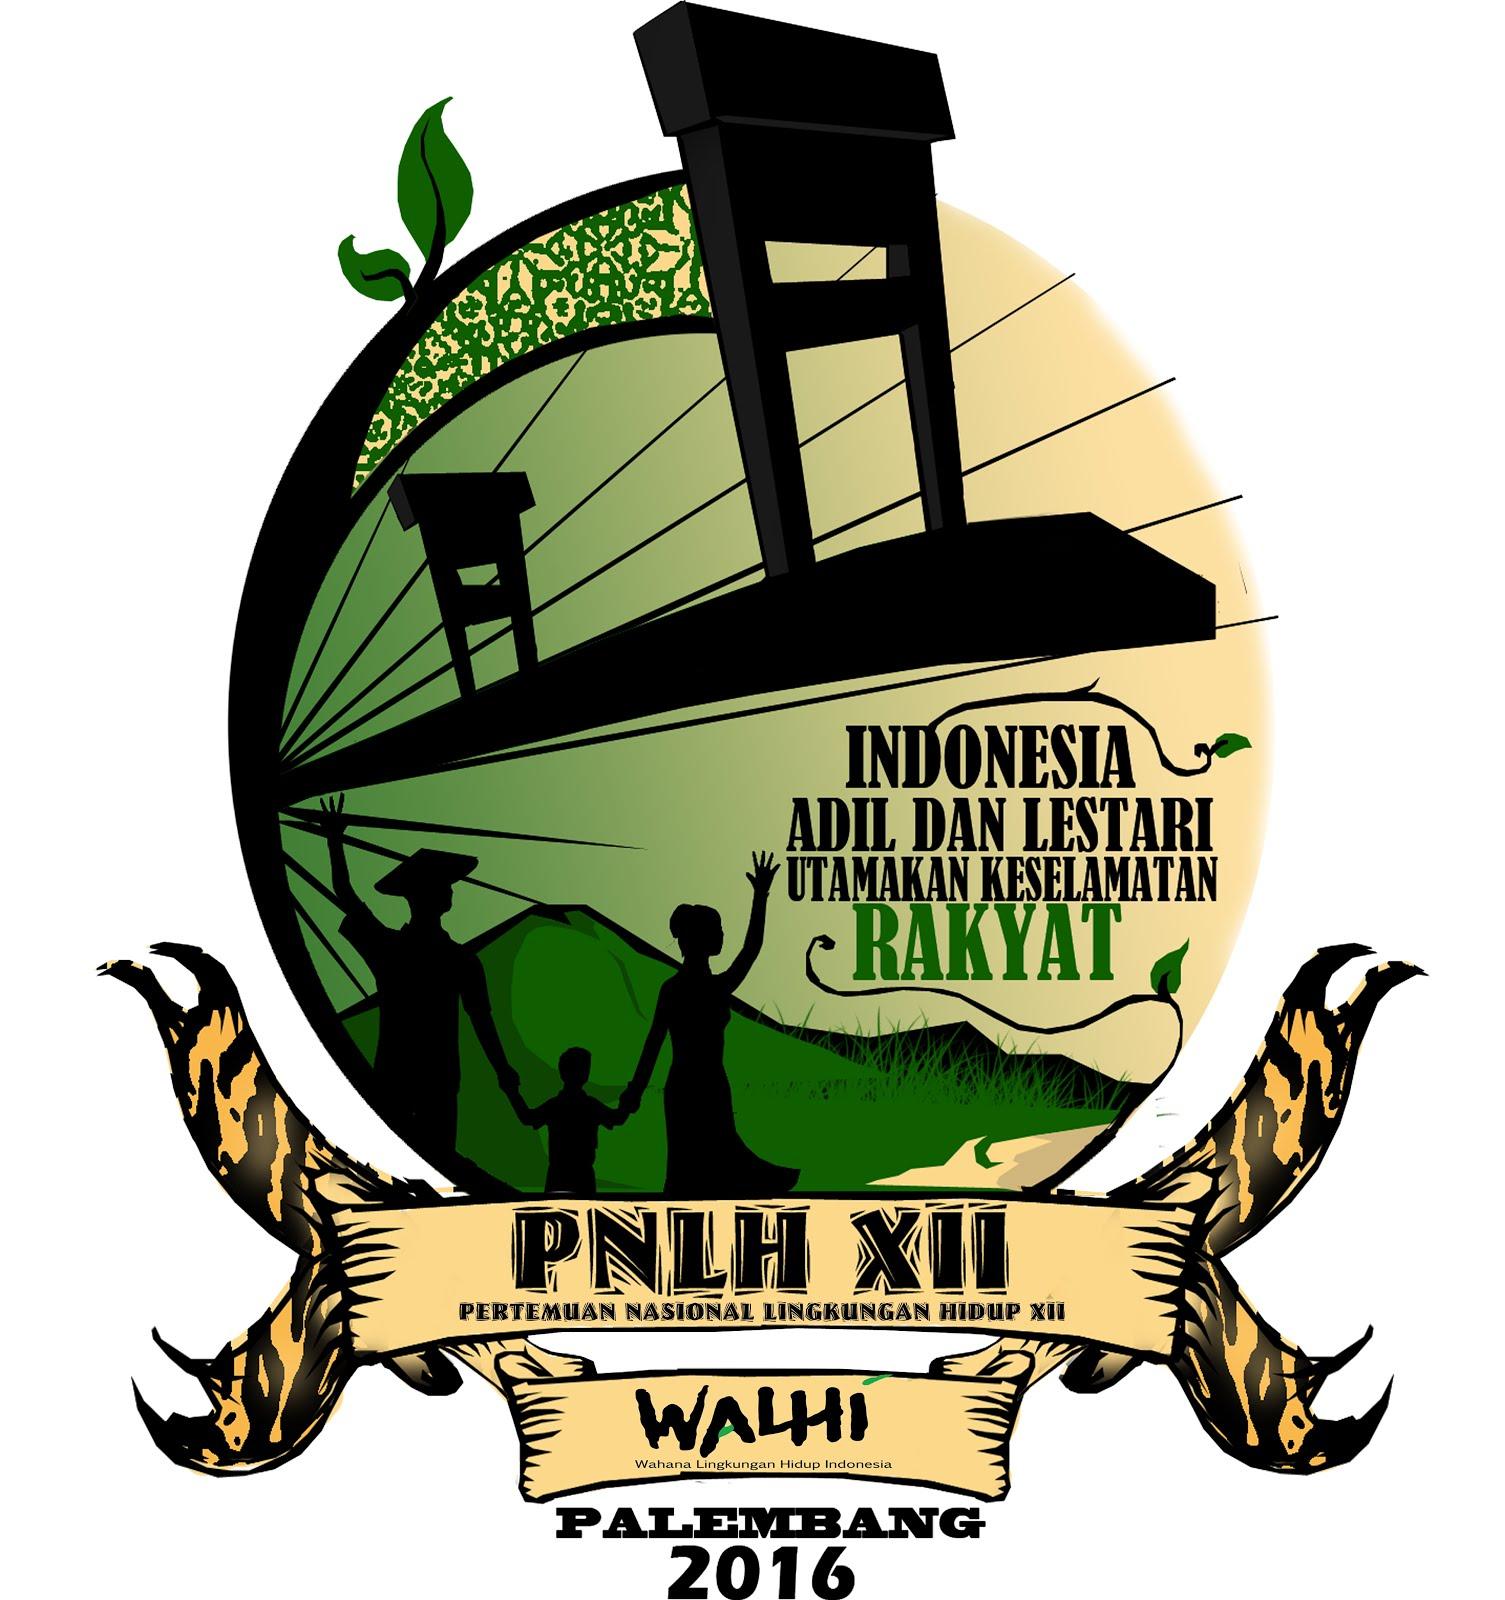 Sukseskan PNLHXII Walhi di Palembang 22 - 27 April 2016